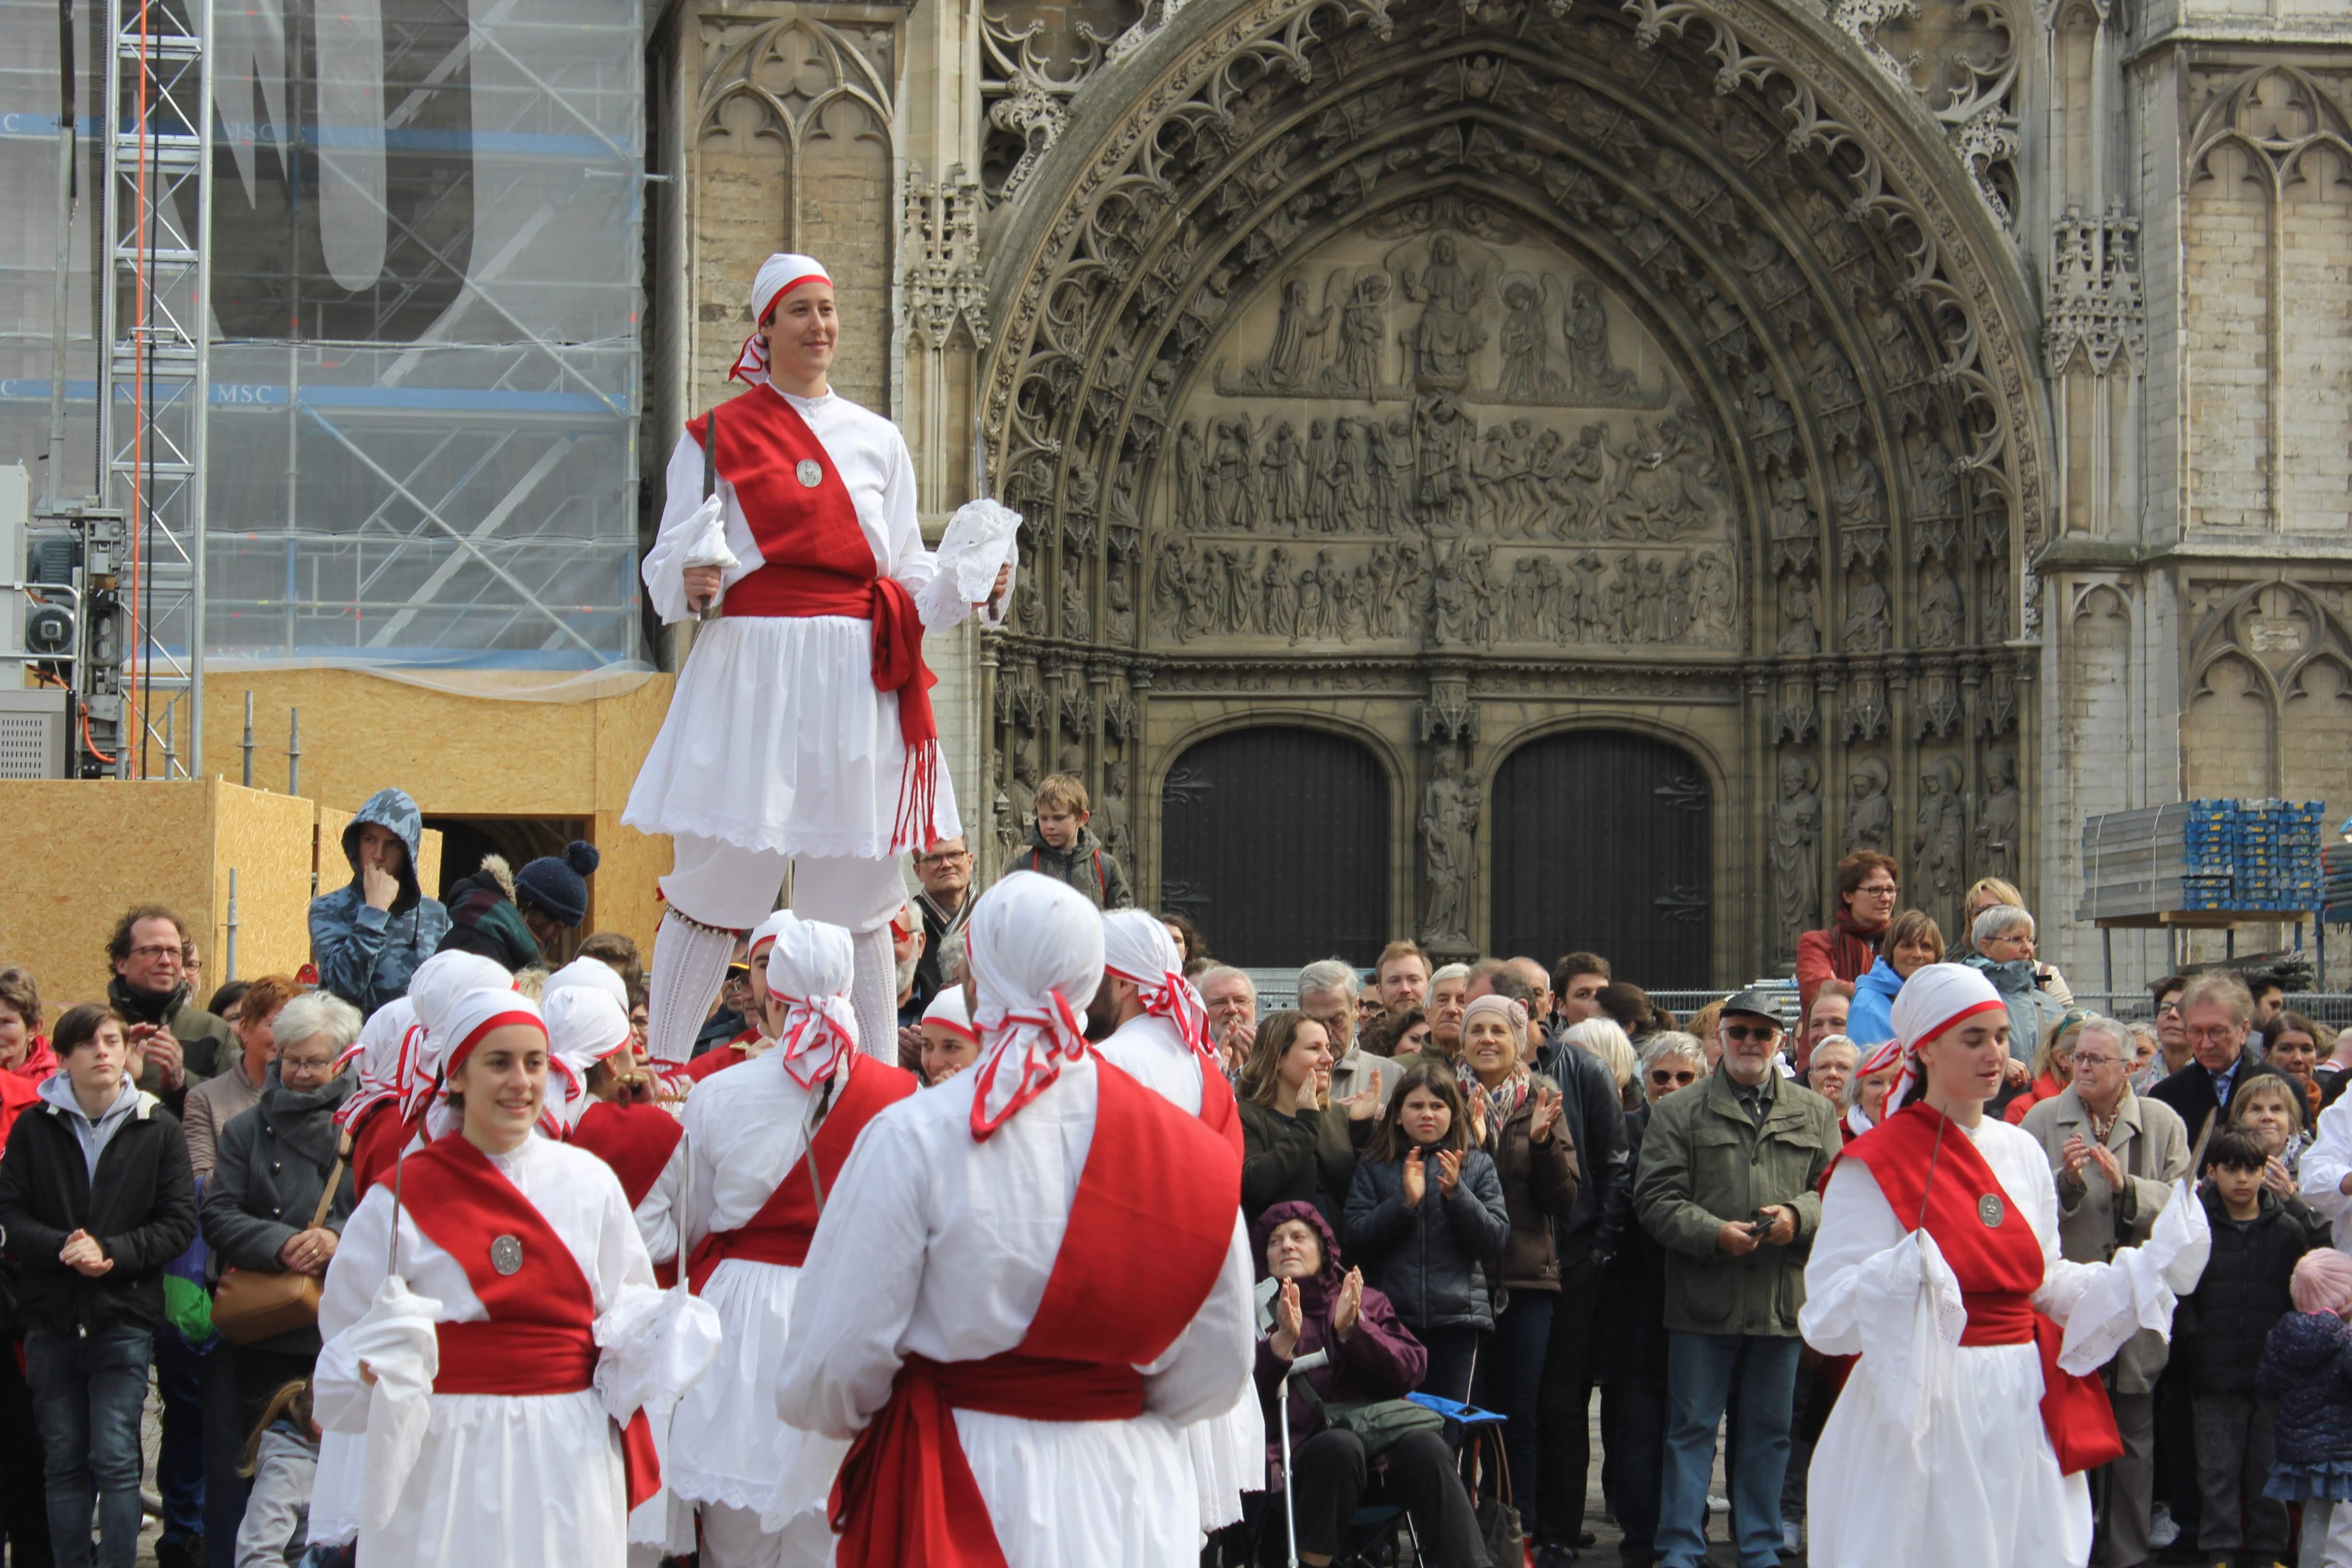 Ezpata-dantzak Antwerpenen, Europa zaharraren bihotzean